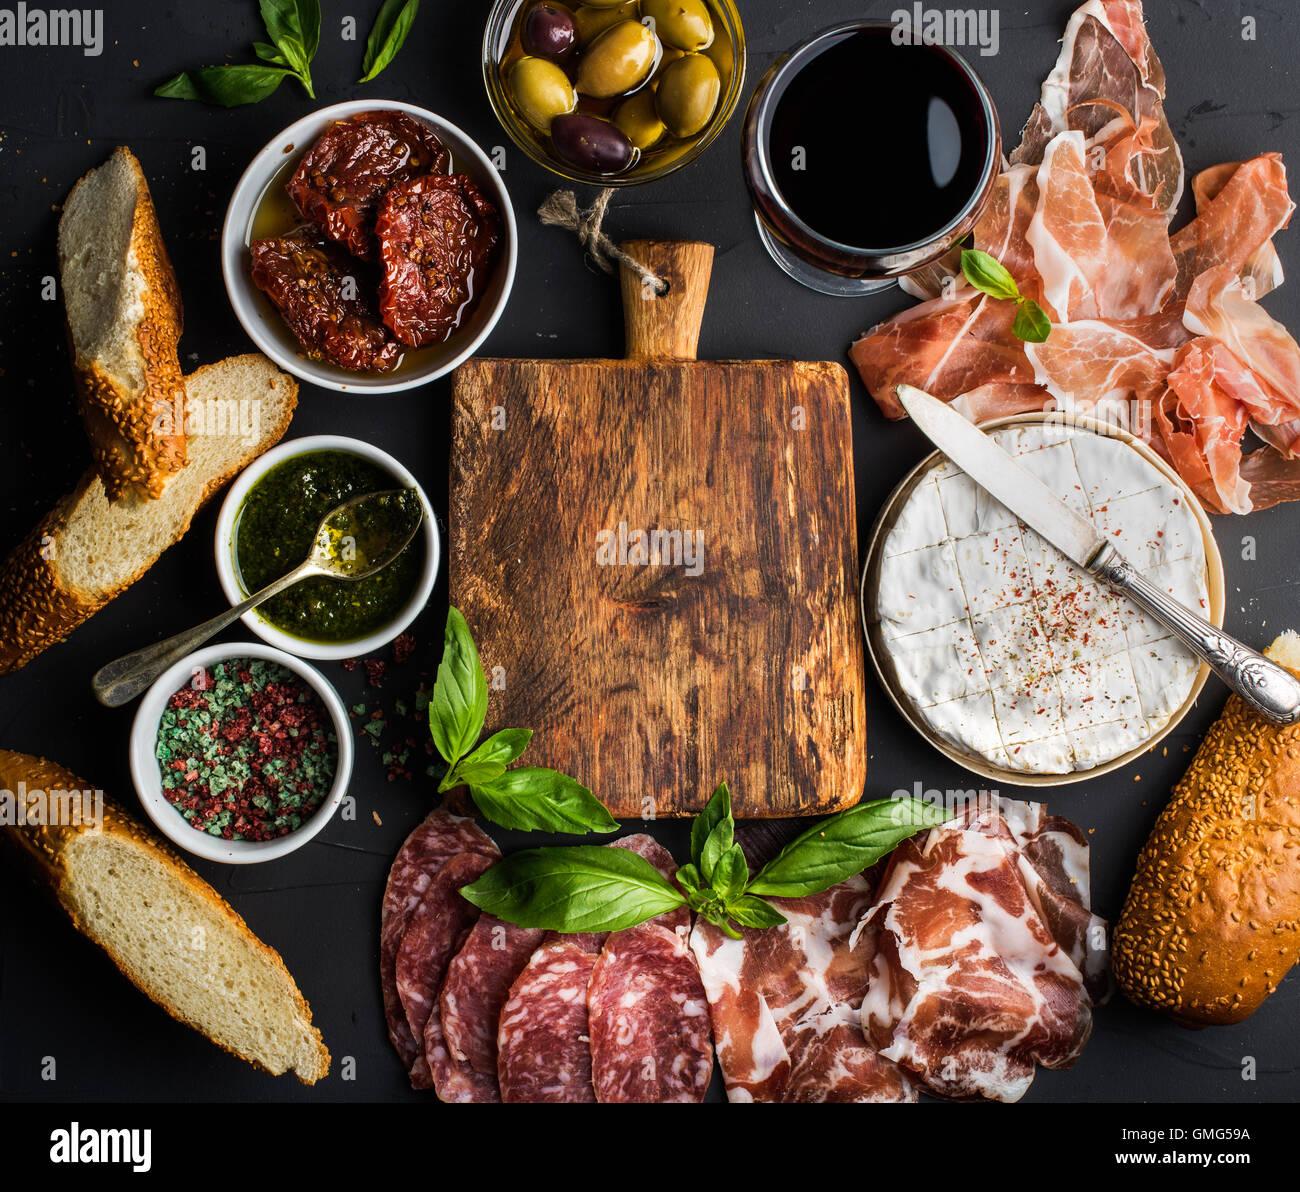 Wein snack Set mit leeren Holzbrett in Mitte. Glas Rot, Fleischauswahl, mediterranen Oliven, getrocknete Tomaten, Stockbild